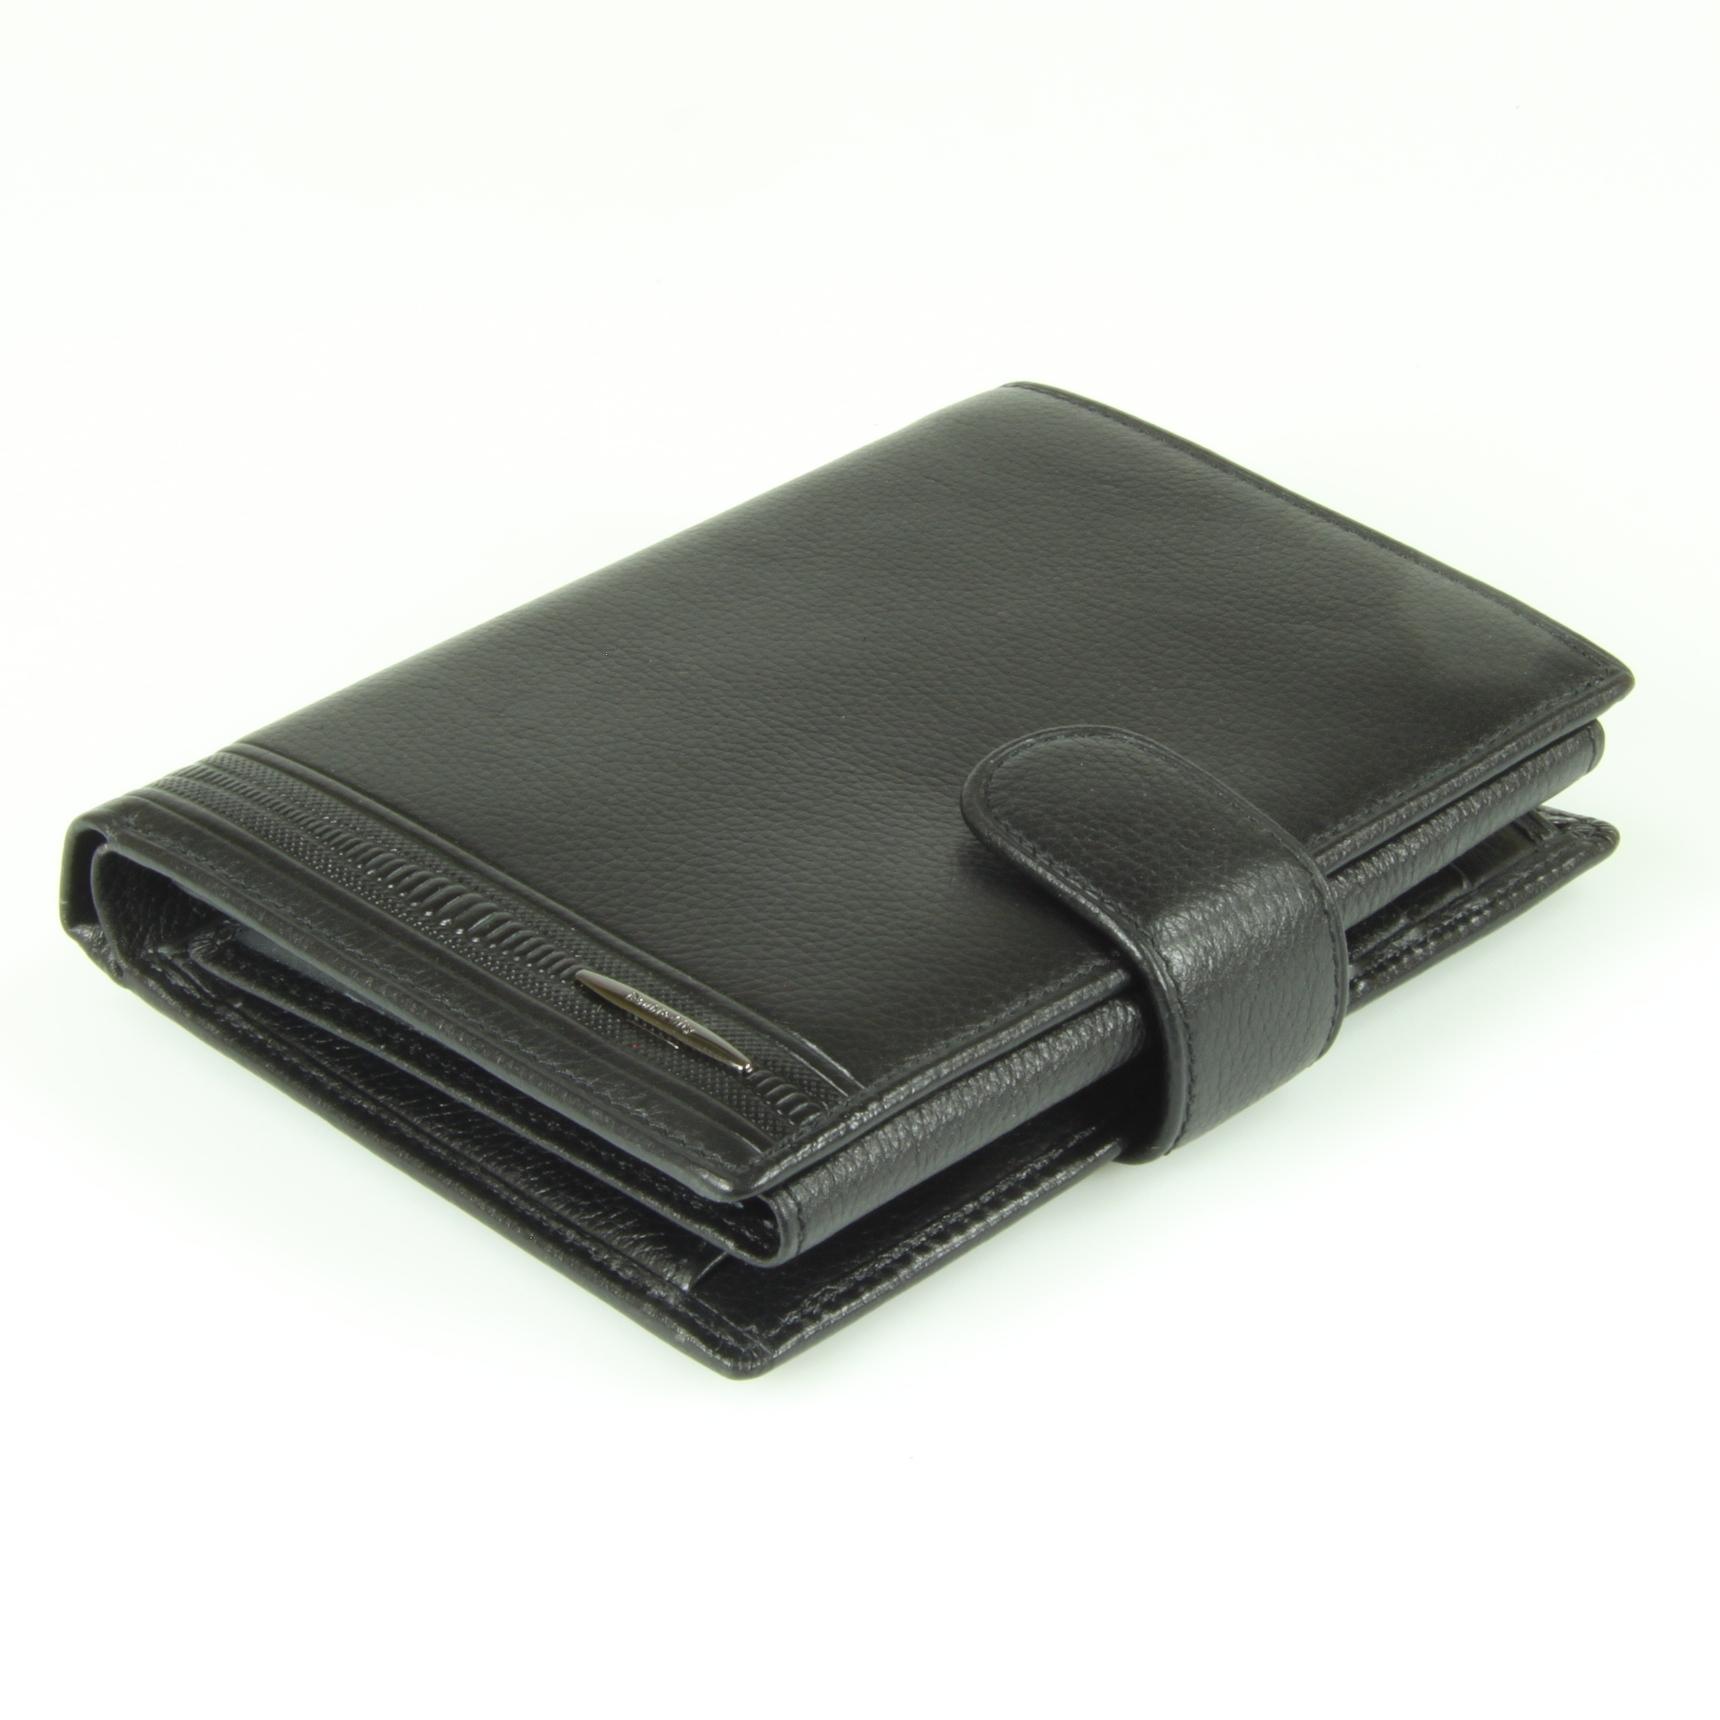 Солидное мужское чёрное портмоне с отделениями для водительских документов и паспорта из натуральной кожи яка повышенной прочности Dublecity M100-DC11-08A в подарочной коробке